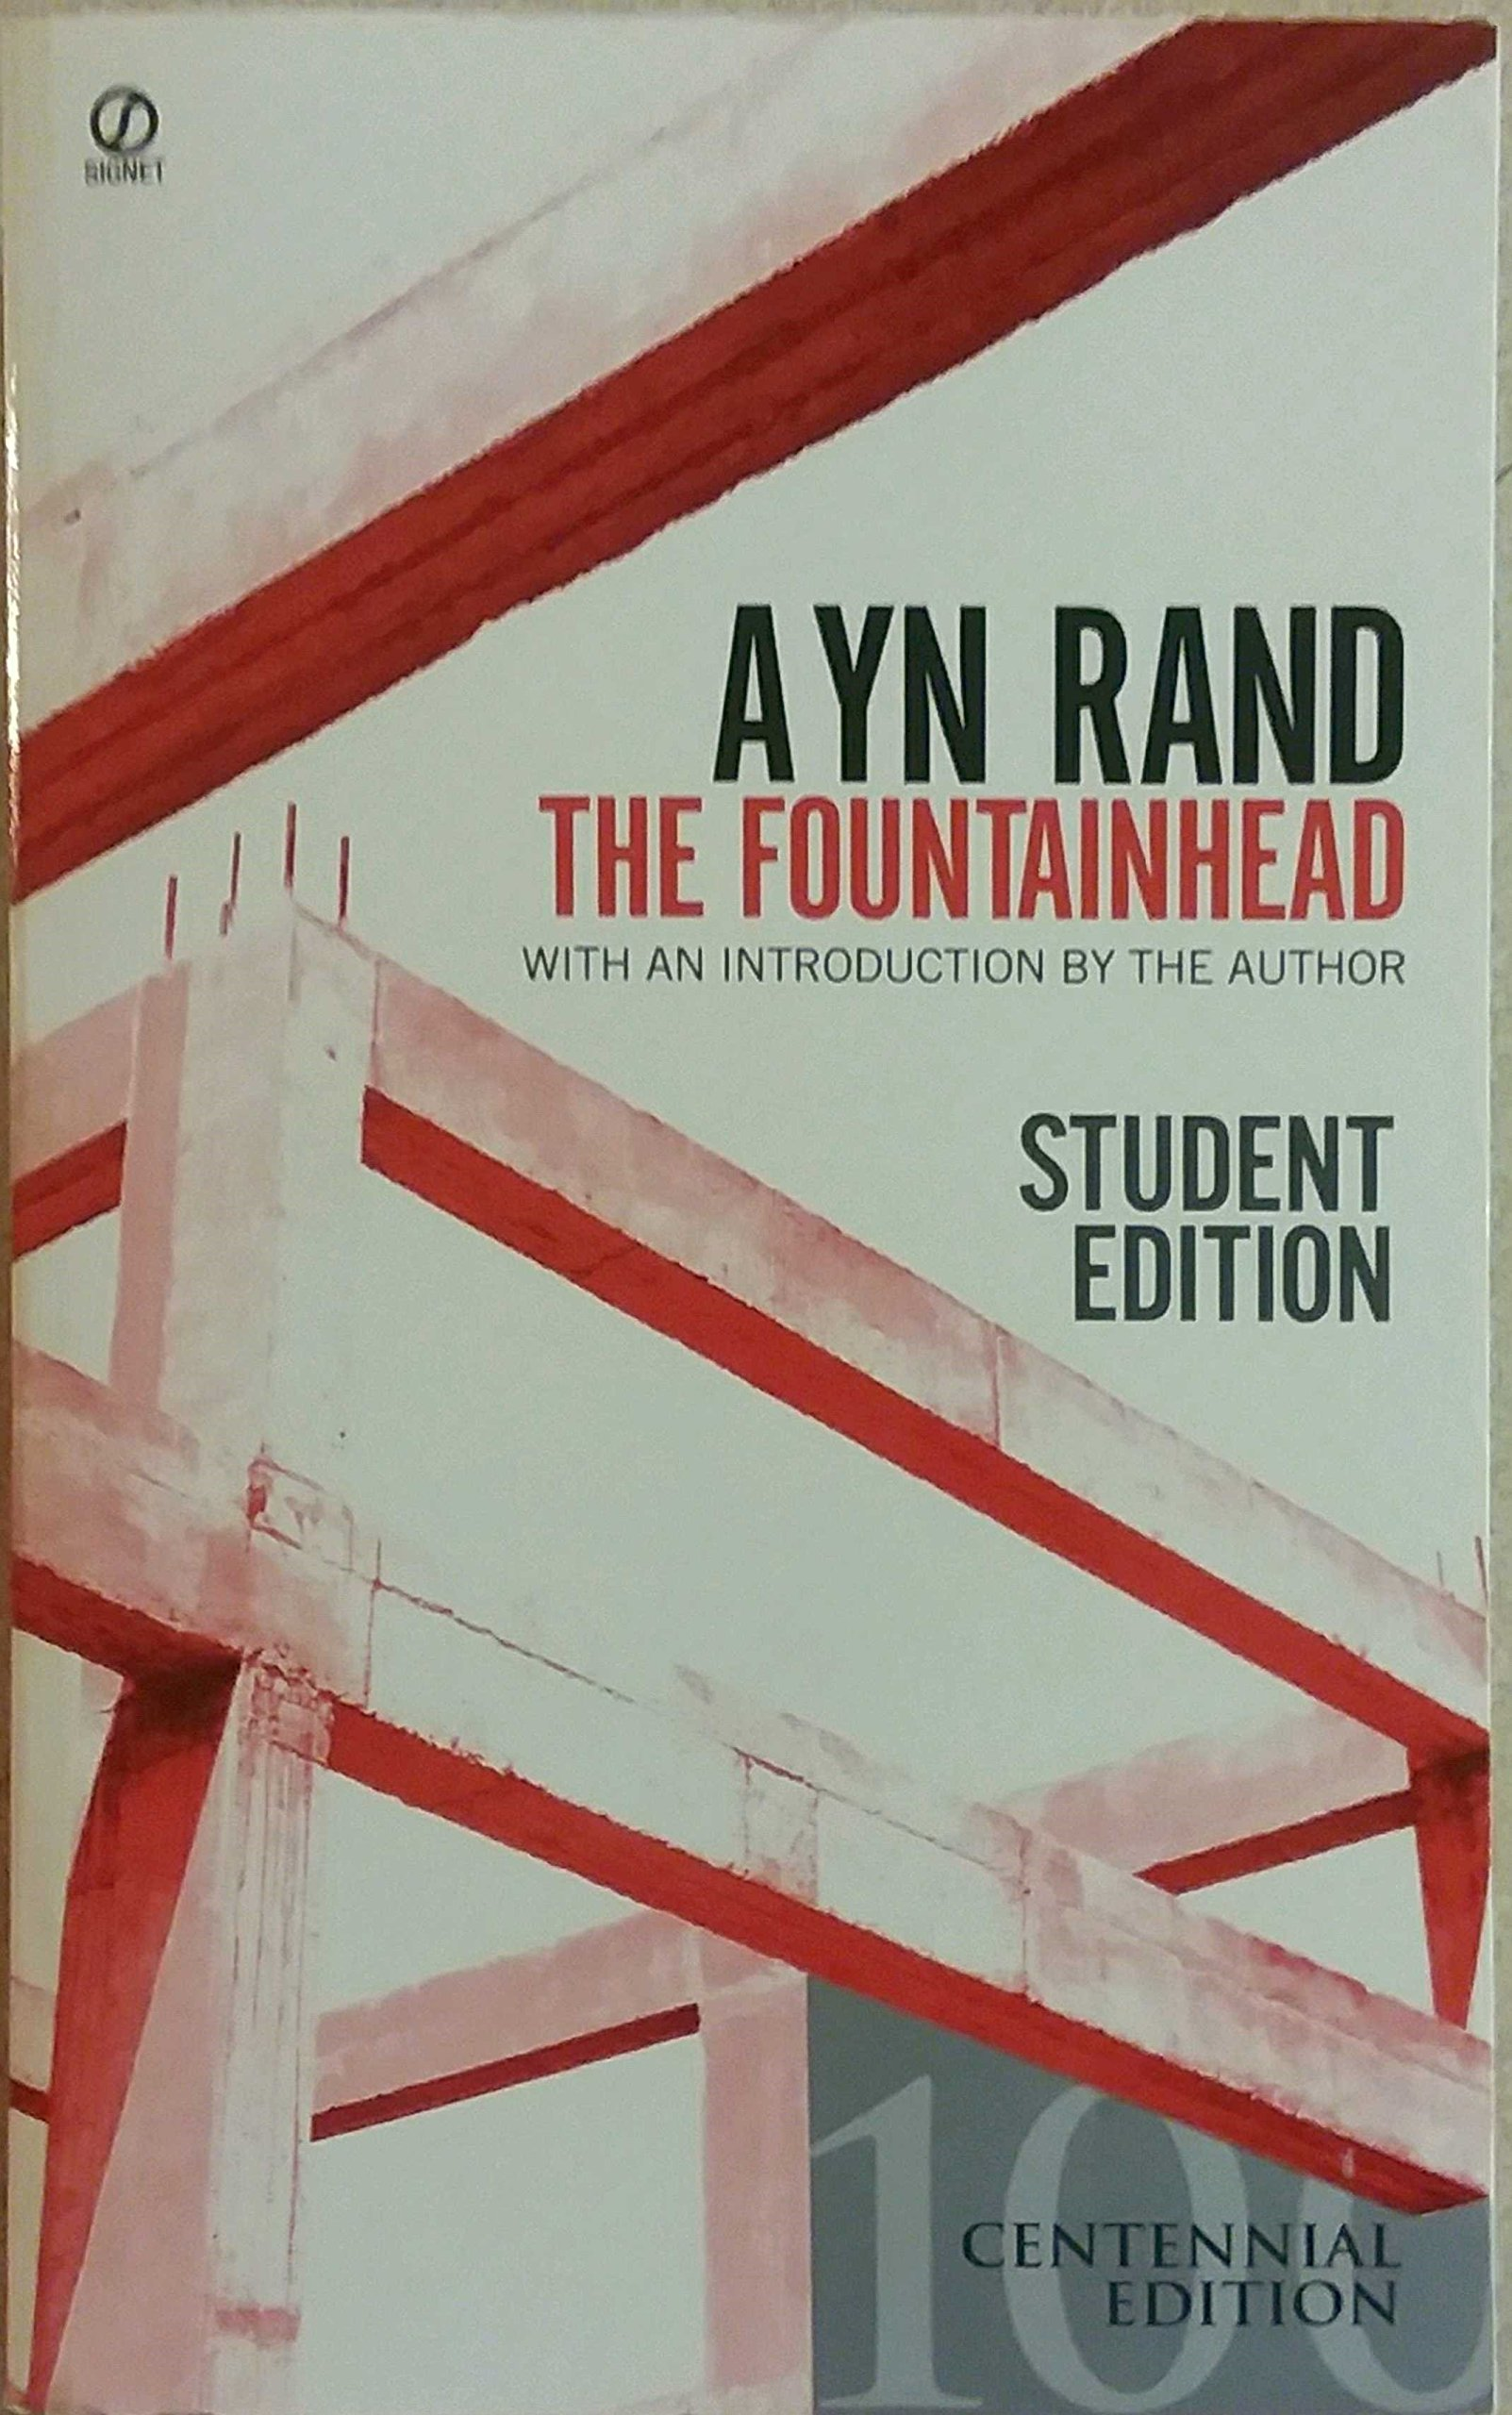 The Fountainhead (Student Edition): Ayn Rand: 9780451231000 ...